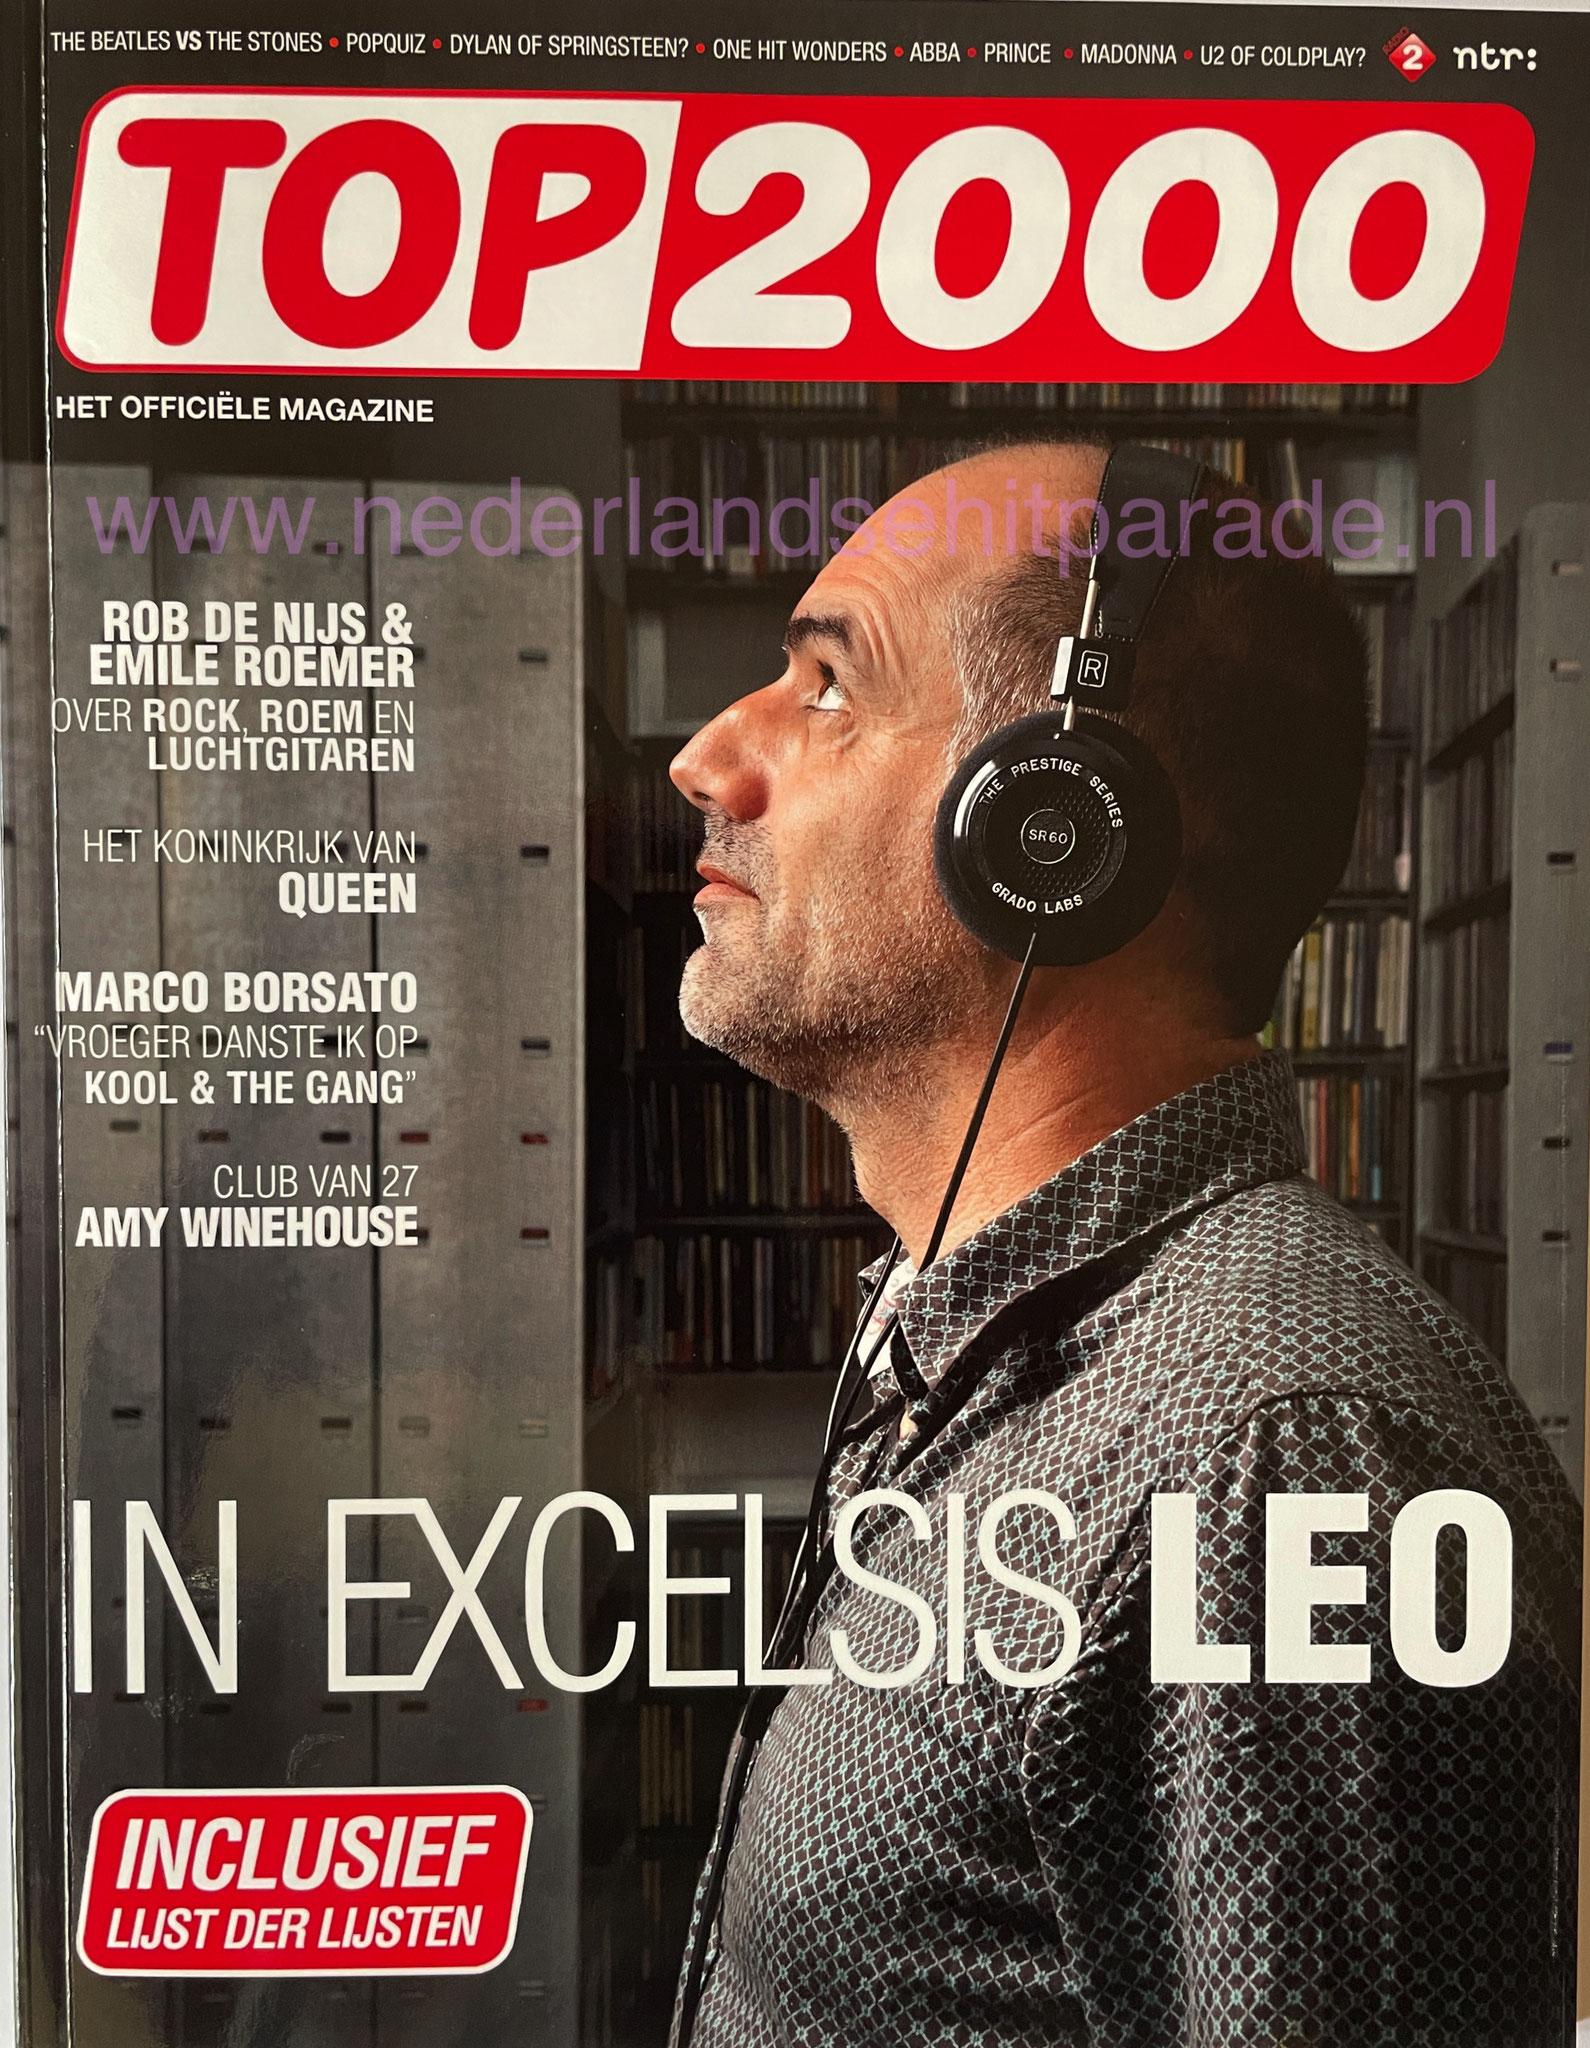 Top 2000 magazine 2011